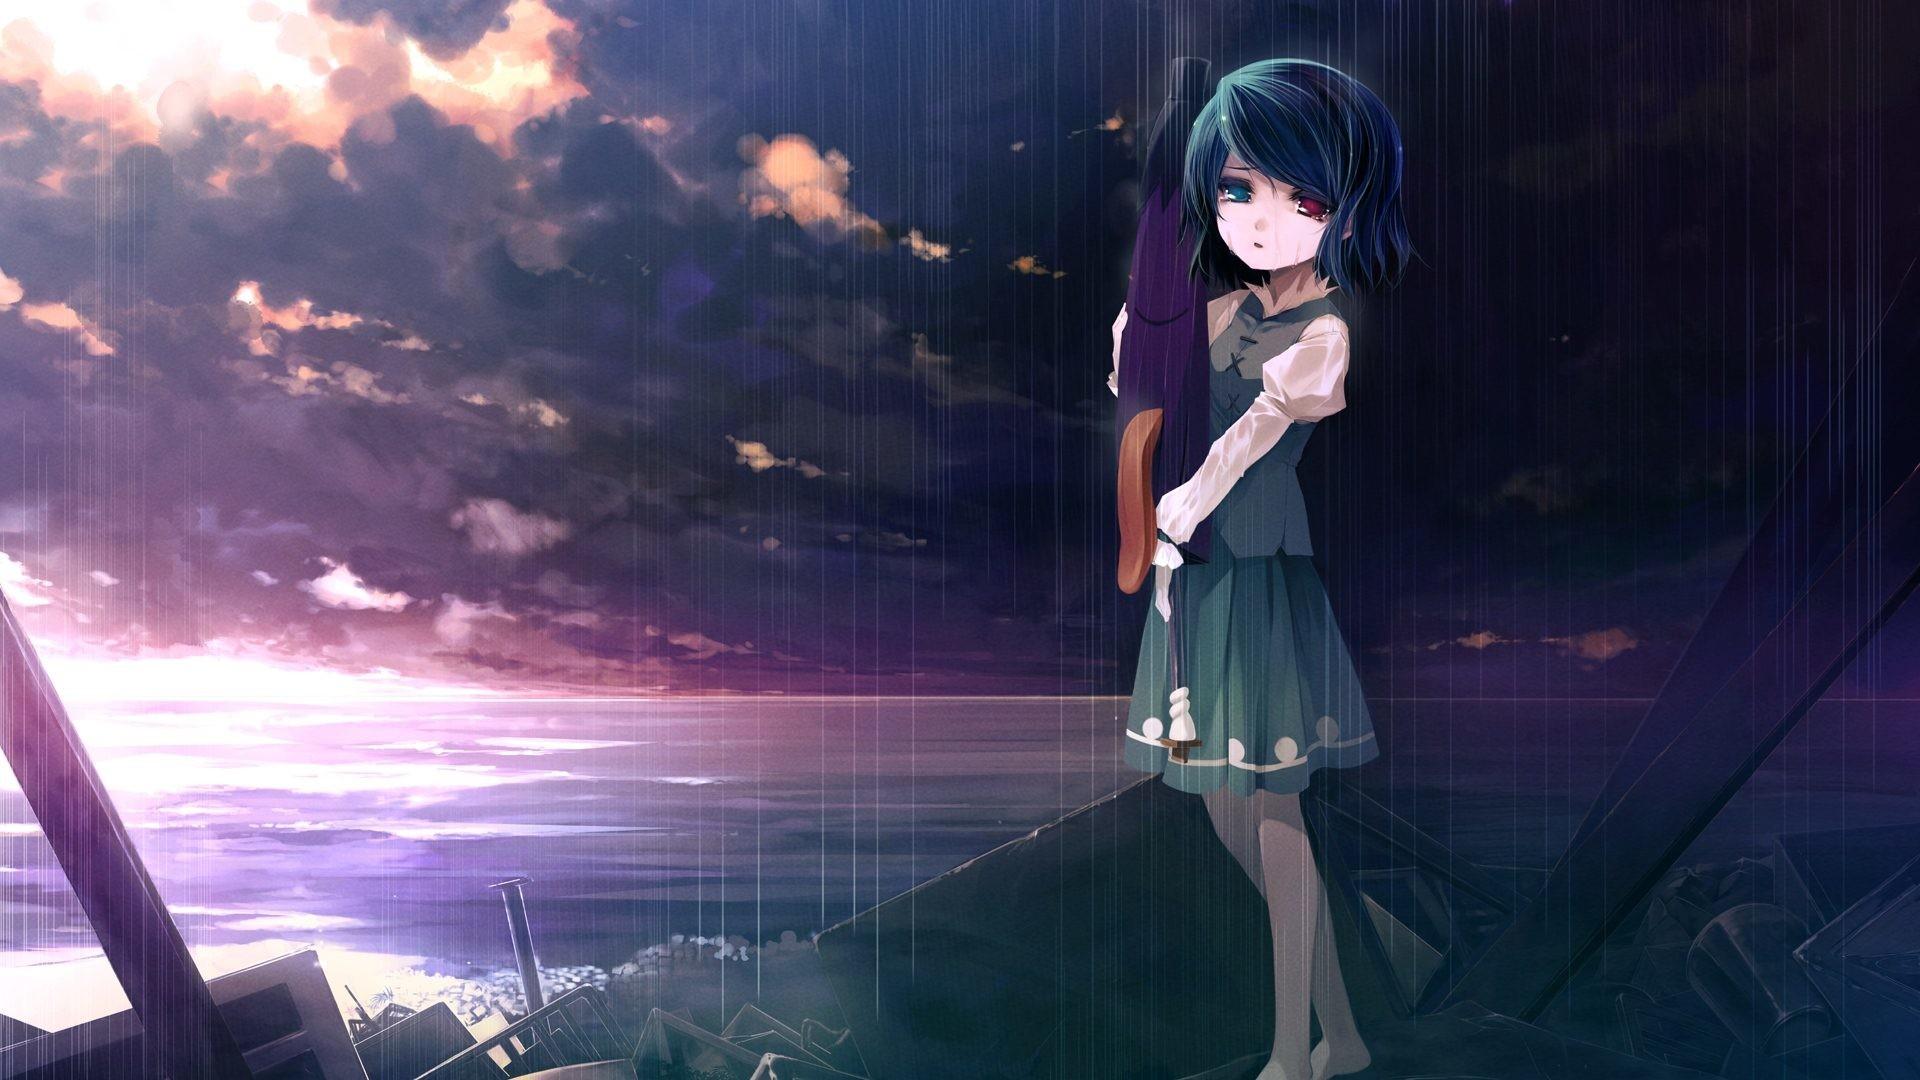 86 Sad Anime Wallpapers on WallpaperPlay 1920x1080